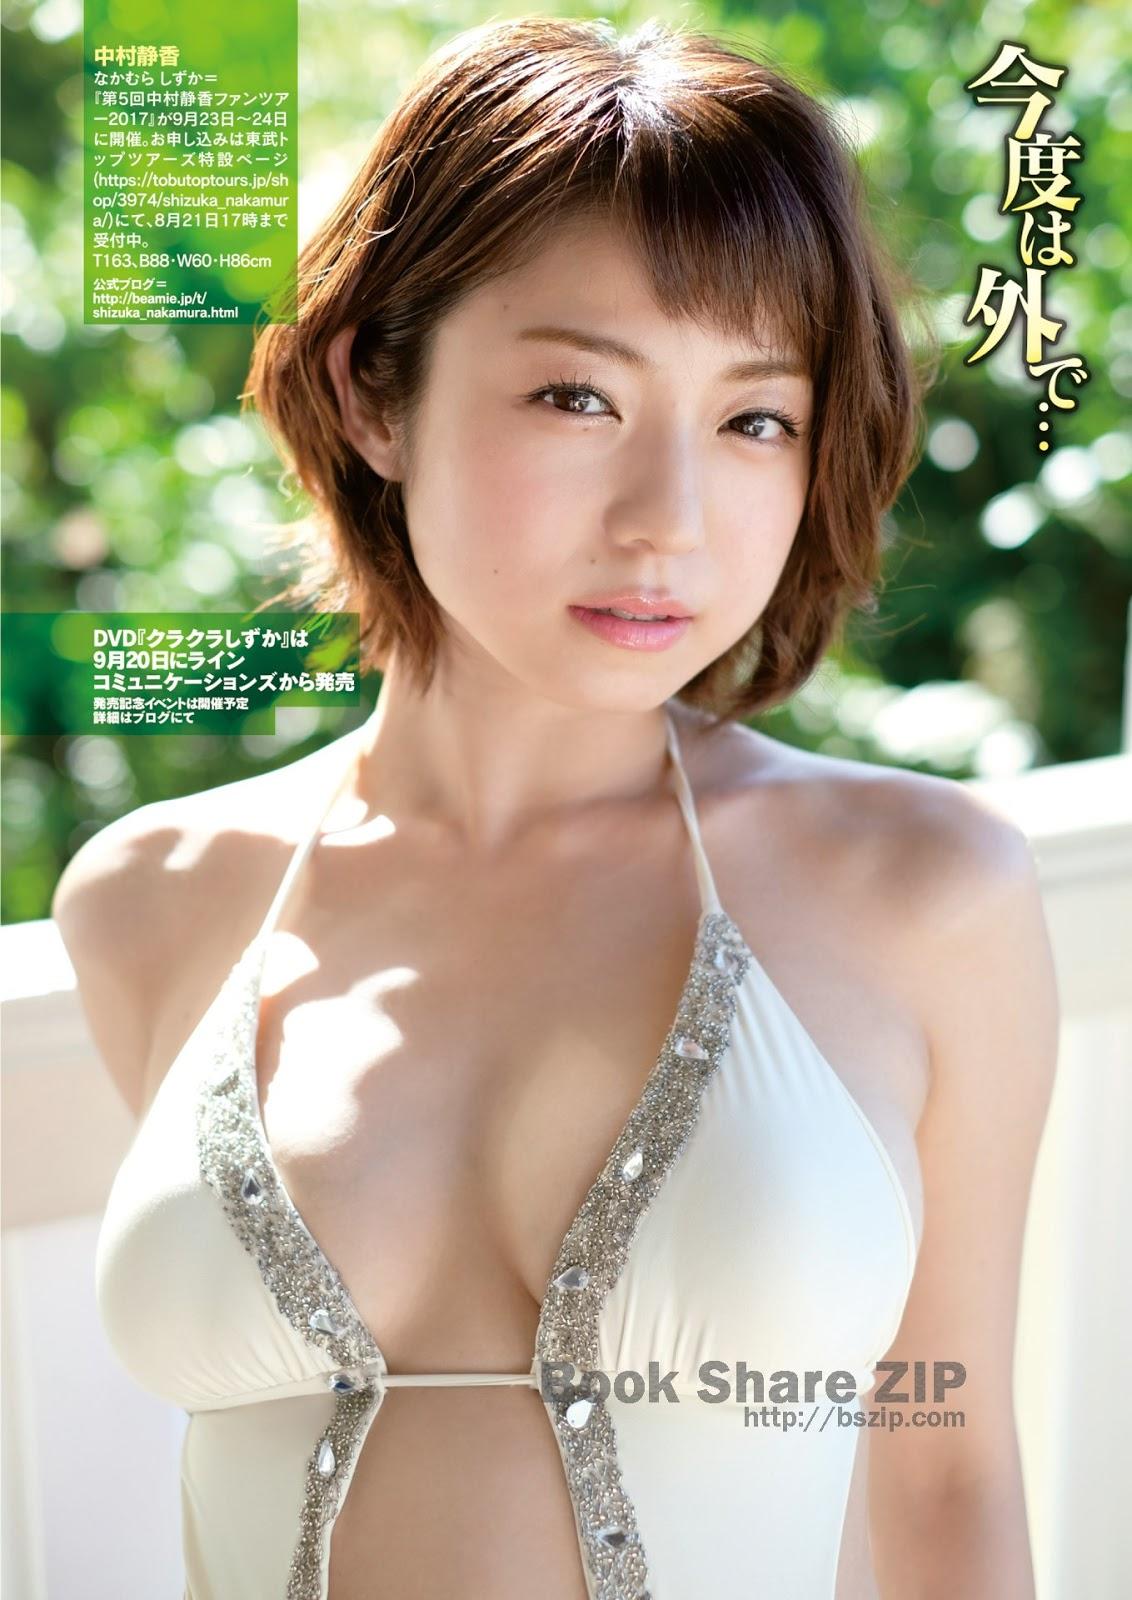 Shizuka Nakamura 中村静香, Shukan Jitsuwa 2017.8.24 (週刊実話 2017年8月24日号)